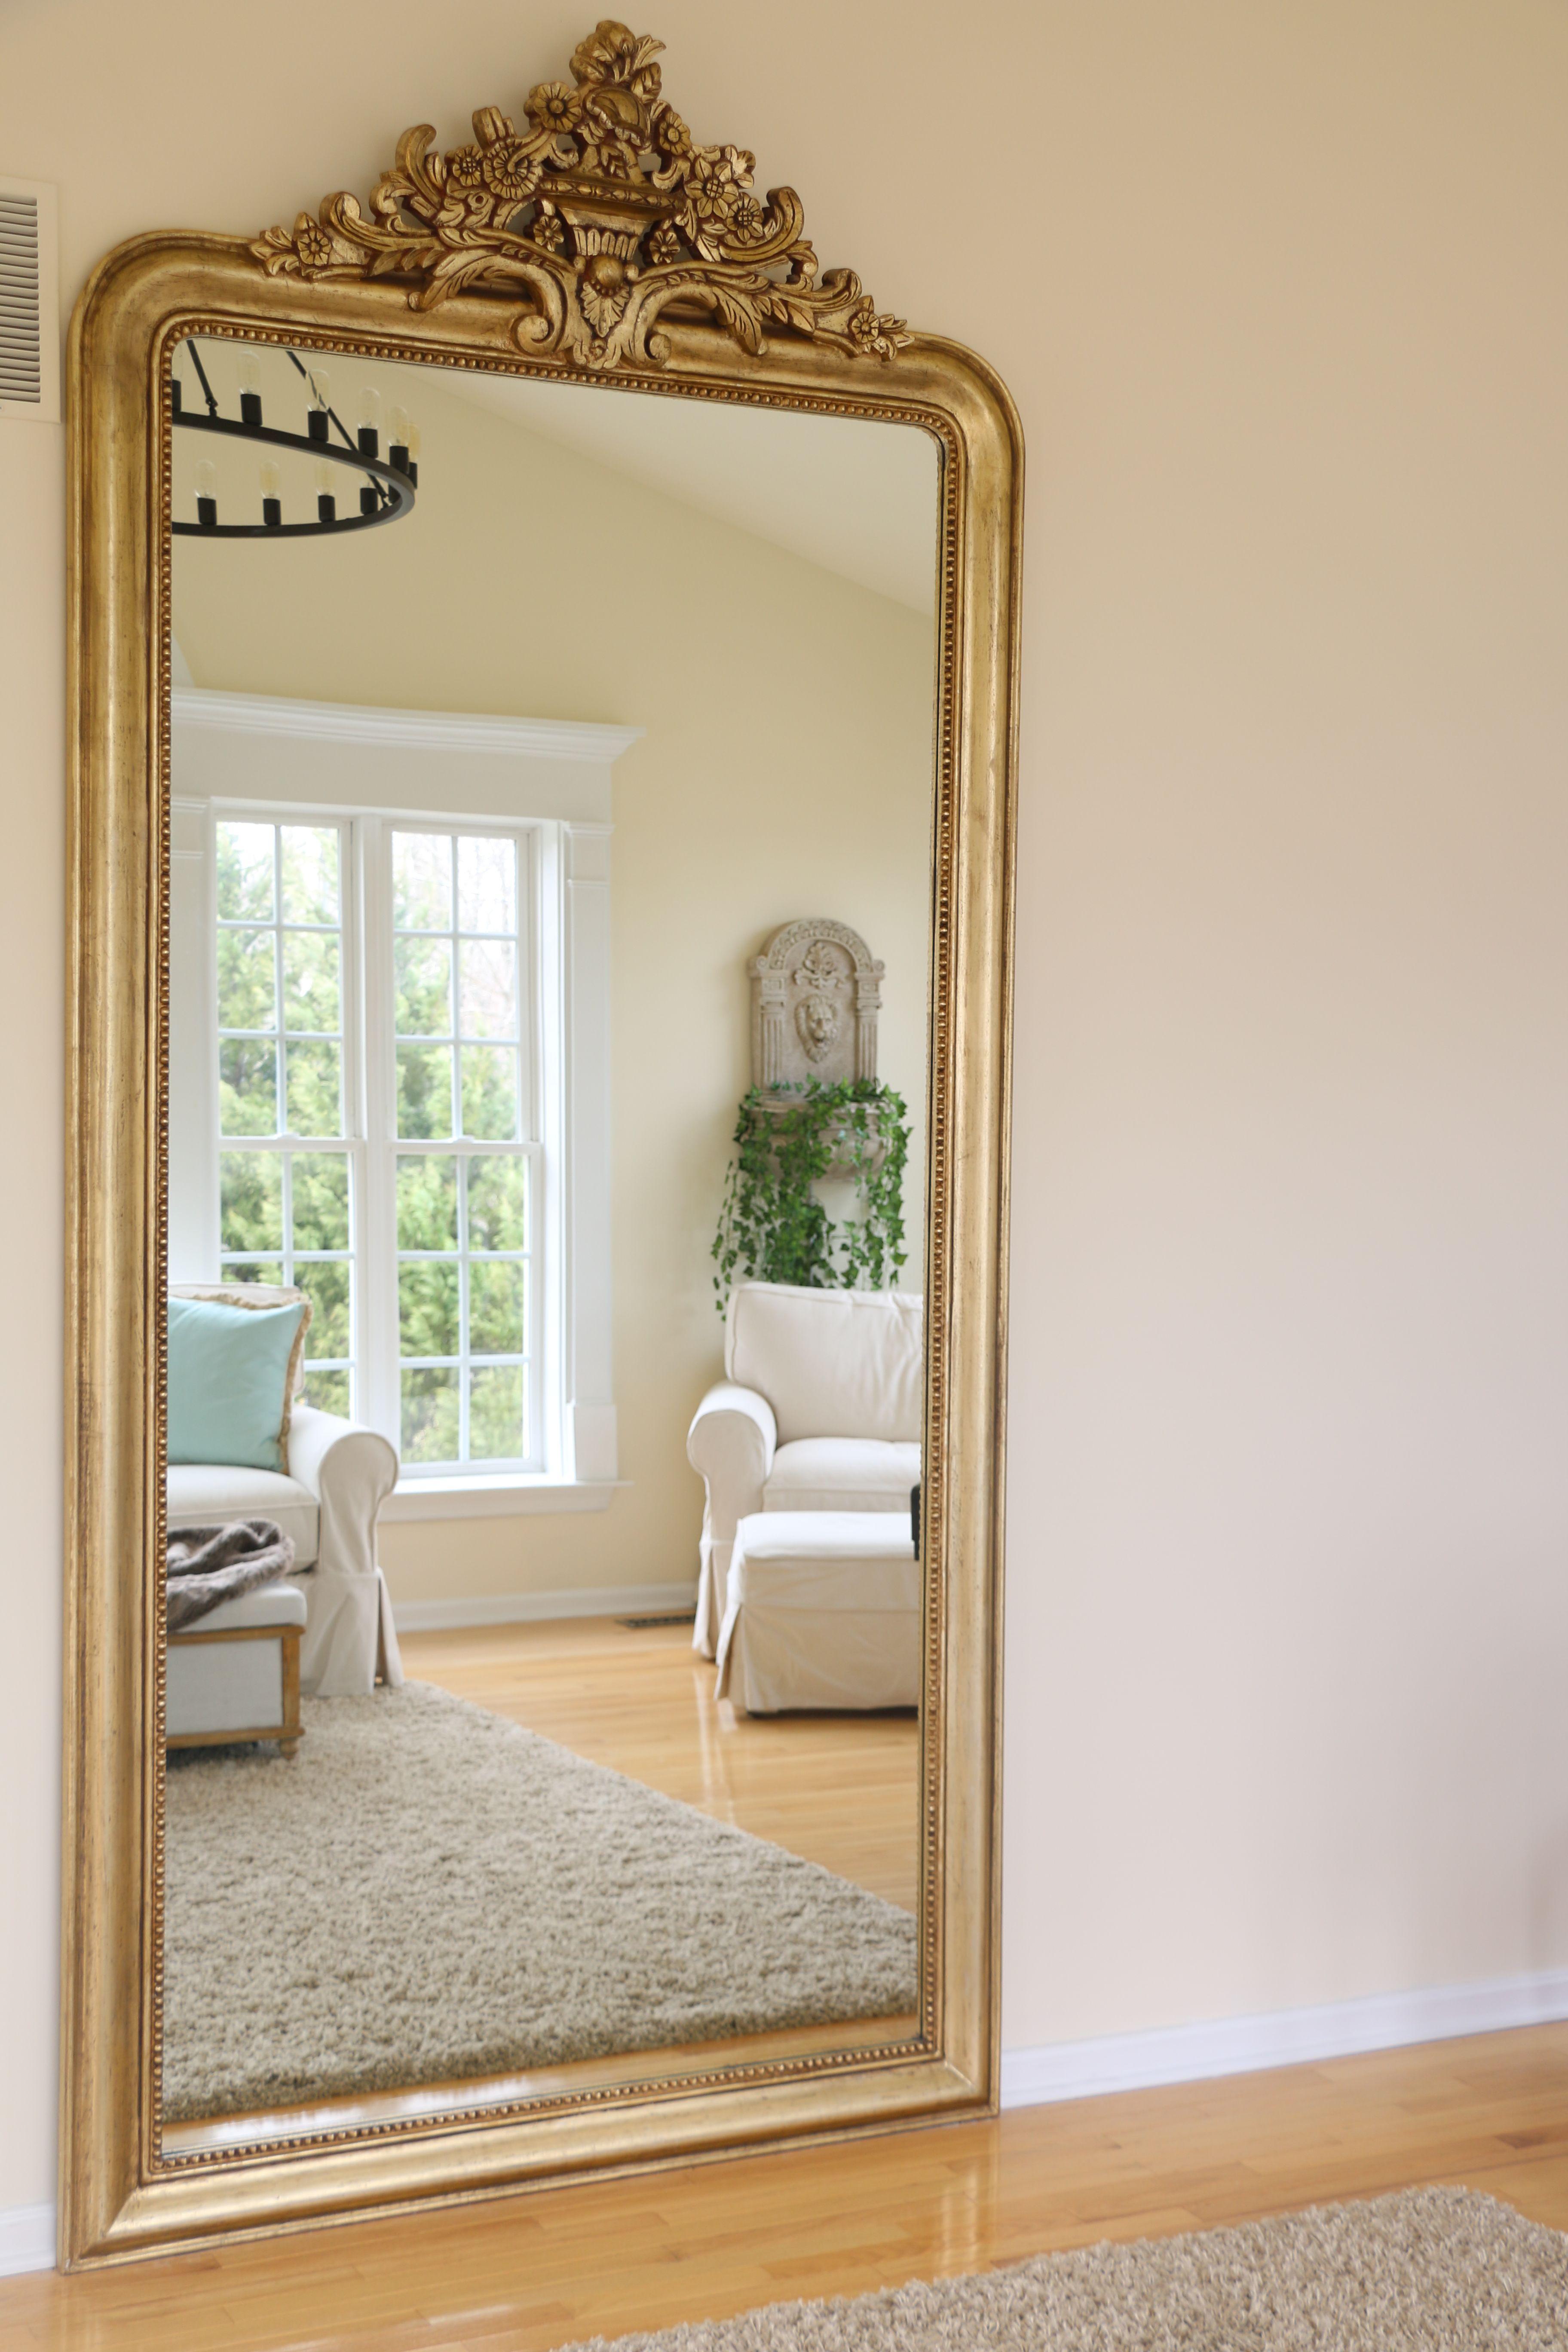 Restoration hardware mirror floor mirror gold gilt mirror ...